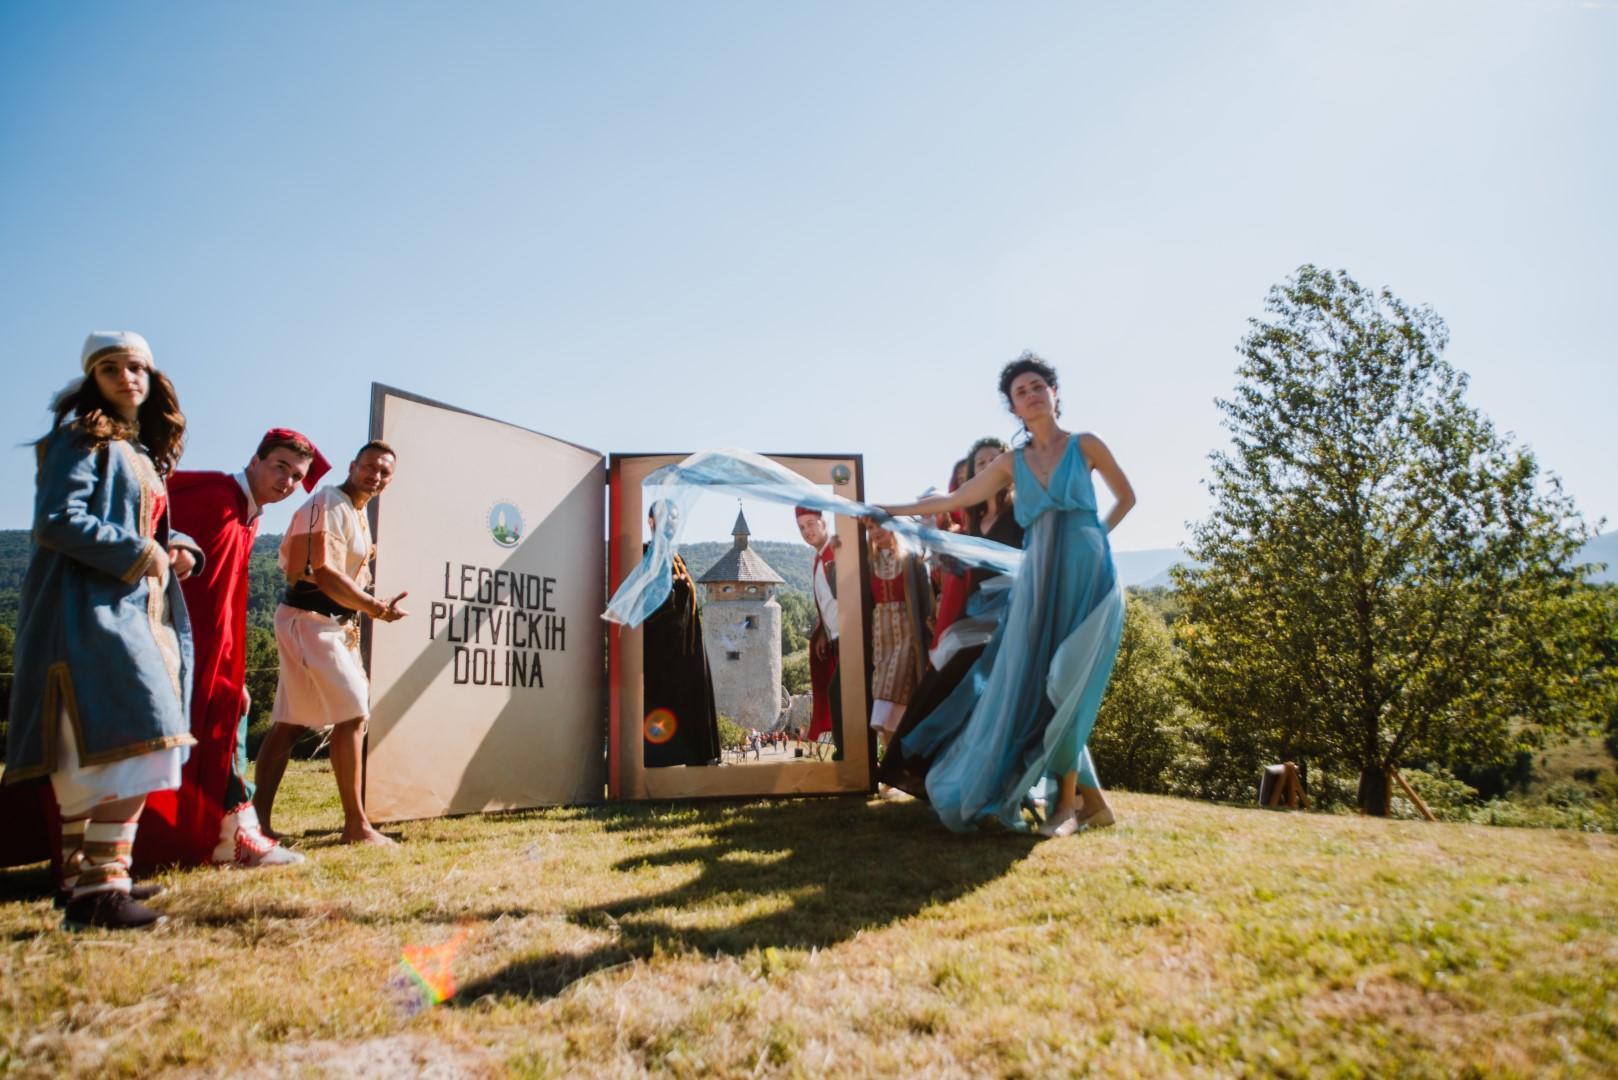 Photo of FOTO Legende Plitvičkih dolina uspjele; posjetitelji upoznali Kvaternika i pogledali Winnetoua pod zvijezdama u Drežniku